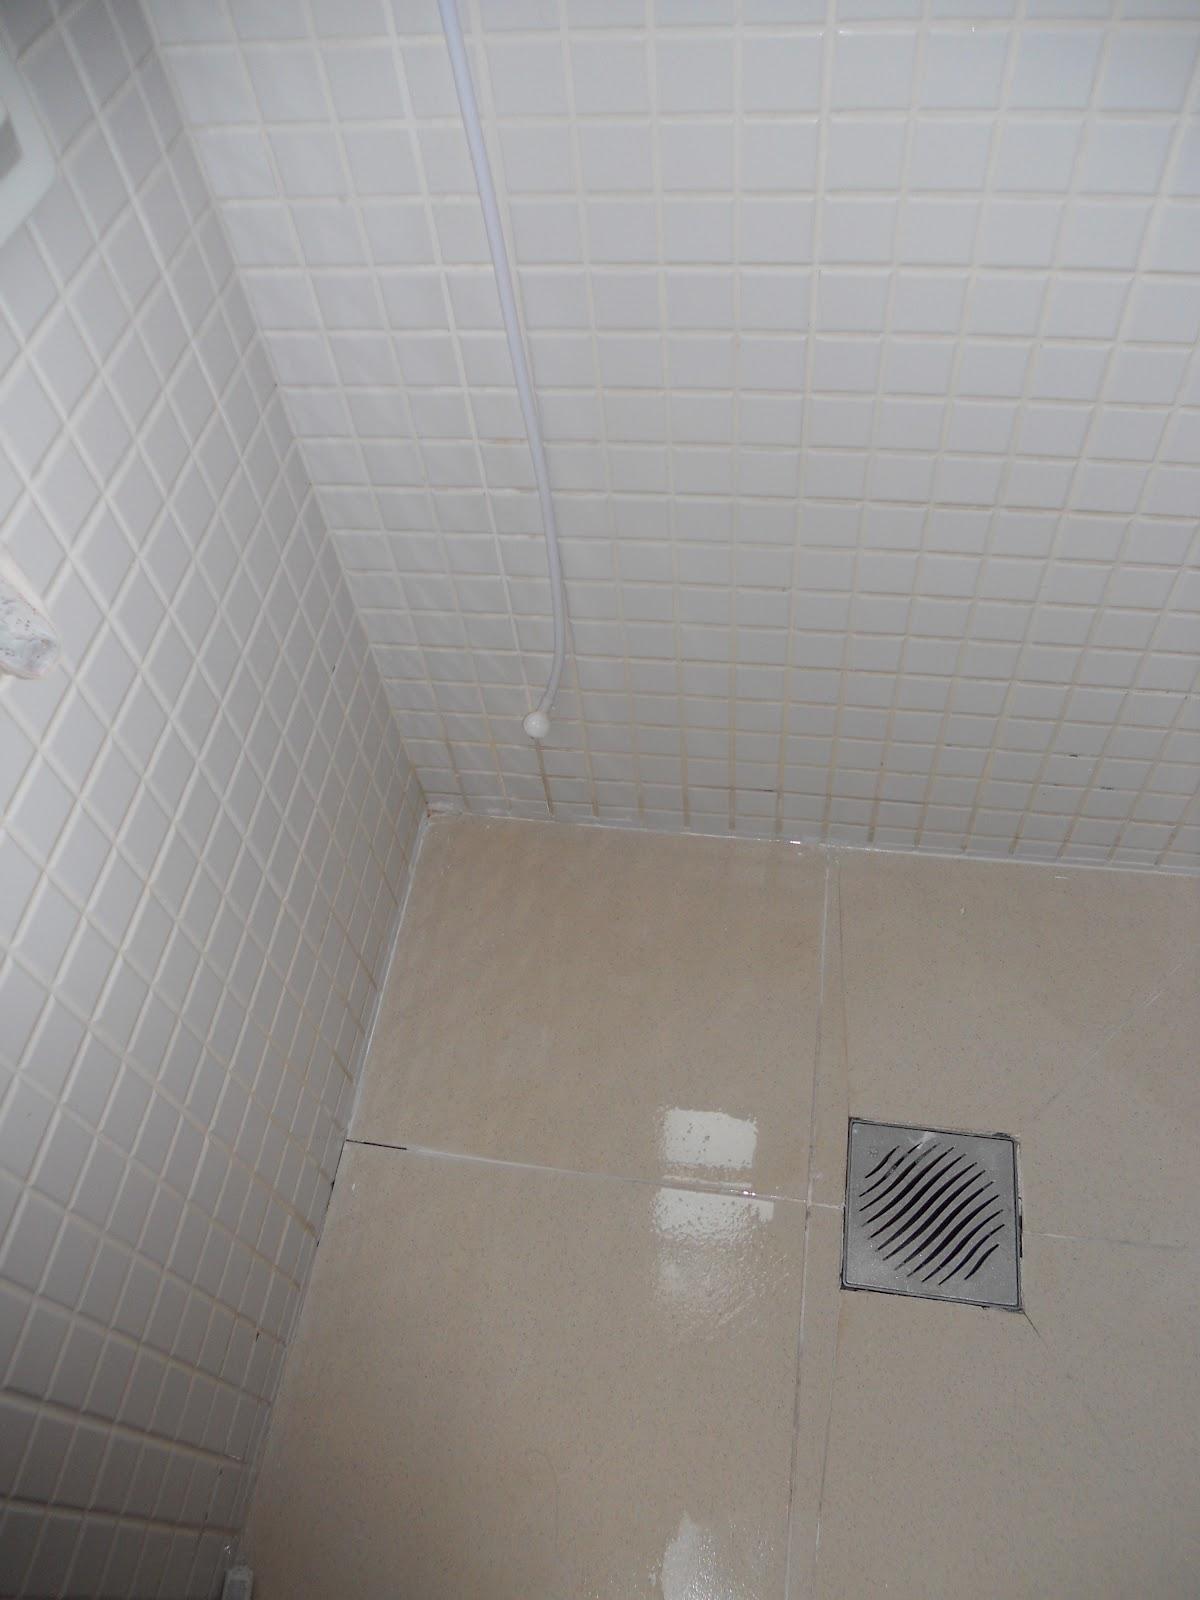 ViDecorando: Era uma vez um piso branco 60 minutos para executar! #615951 1200x1600 Banheiro Com Azulejo Branco E Rejunte Preto